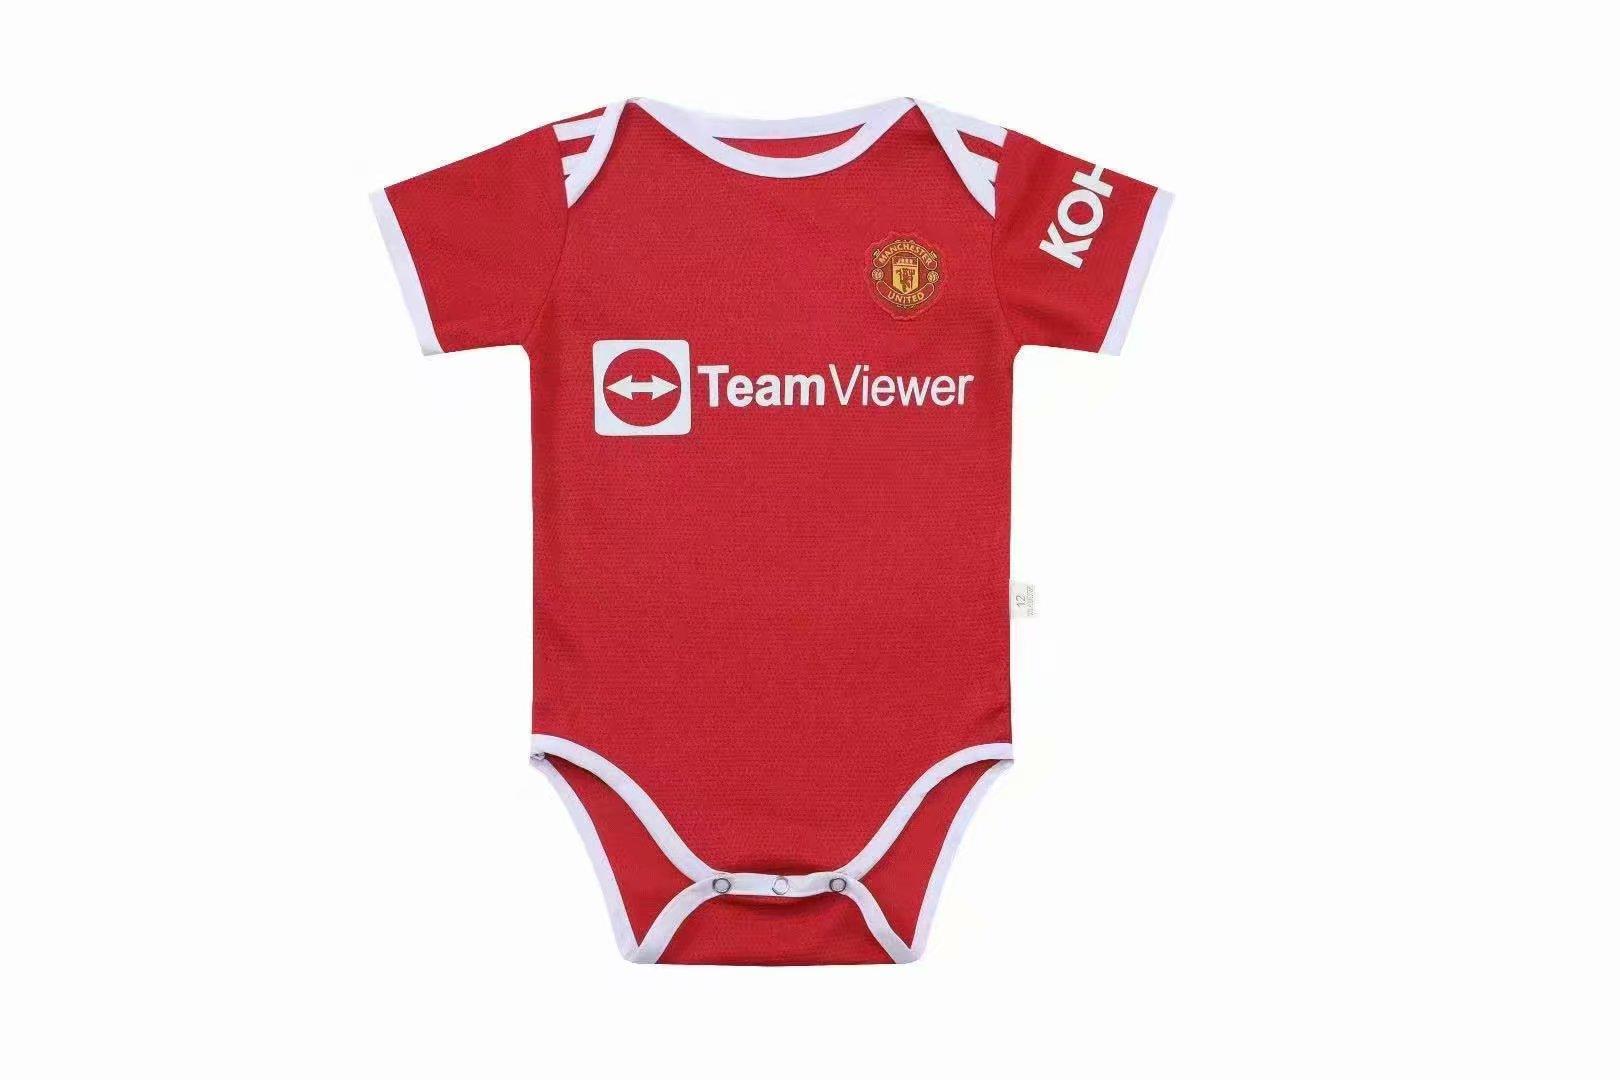 man-utd-home-21-22-baby-football-kit-616.jpg